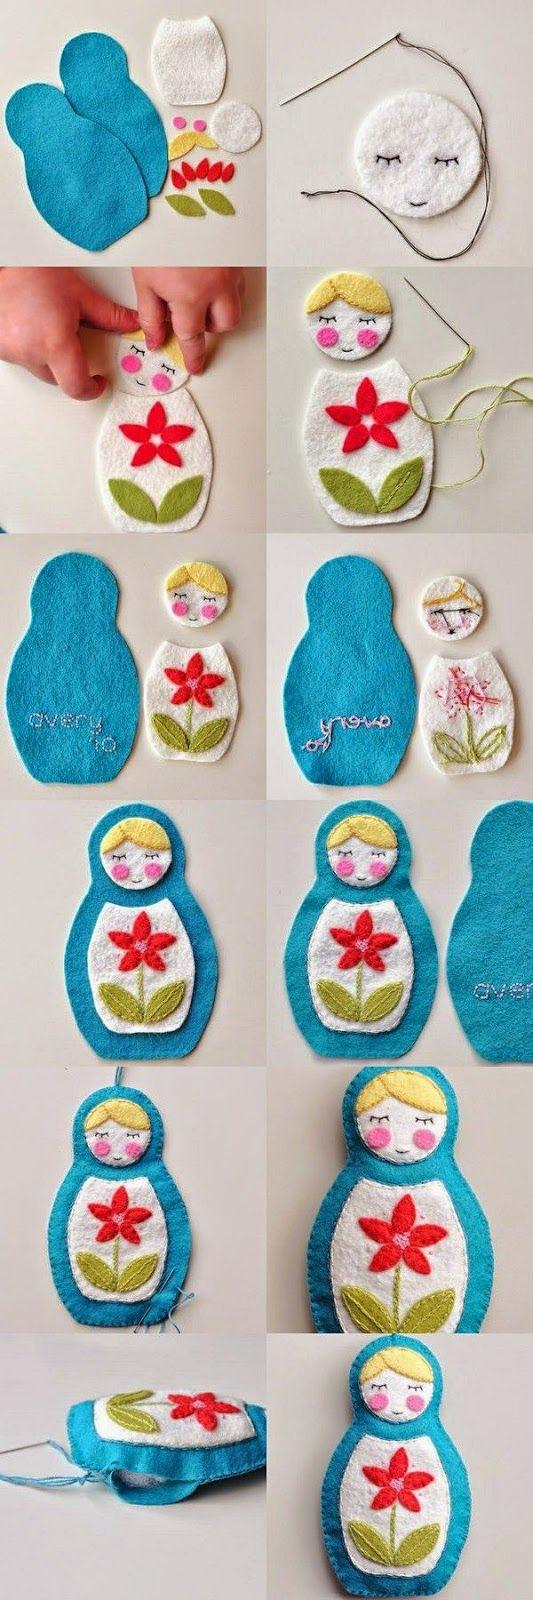 Hobi, tasarım, yağlı boya tablo: Keçe matruşka bebek nasıl yapılır?